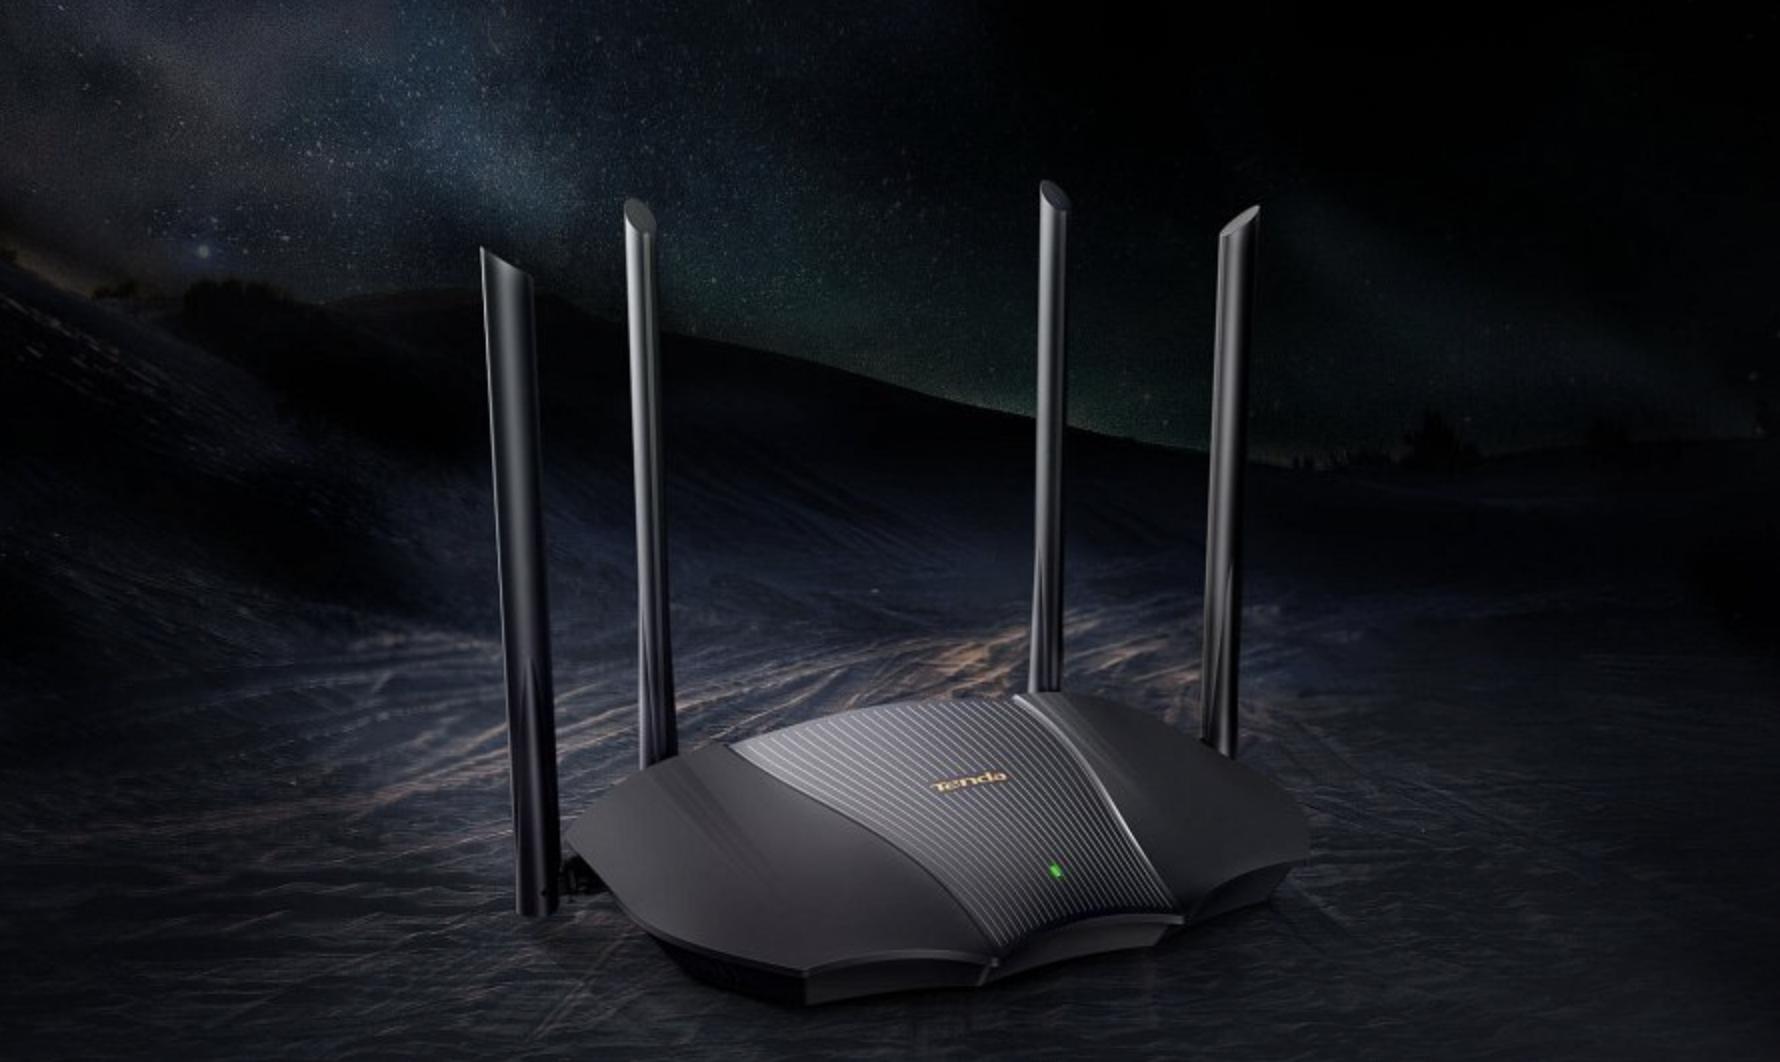 Najnowsze routery WiFi 6 AX3000 od Tenda - TX9 Pro i RX9 Pro